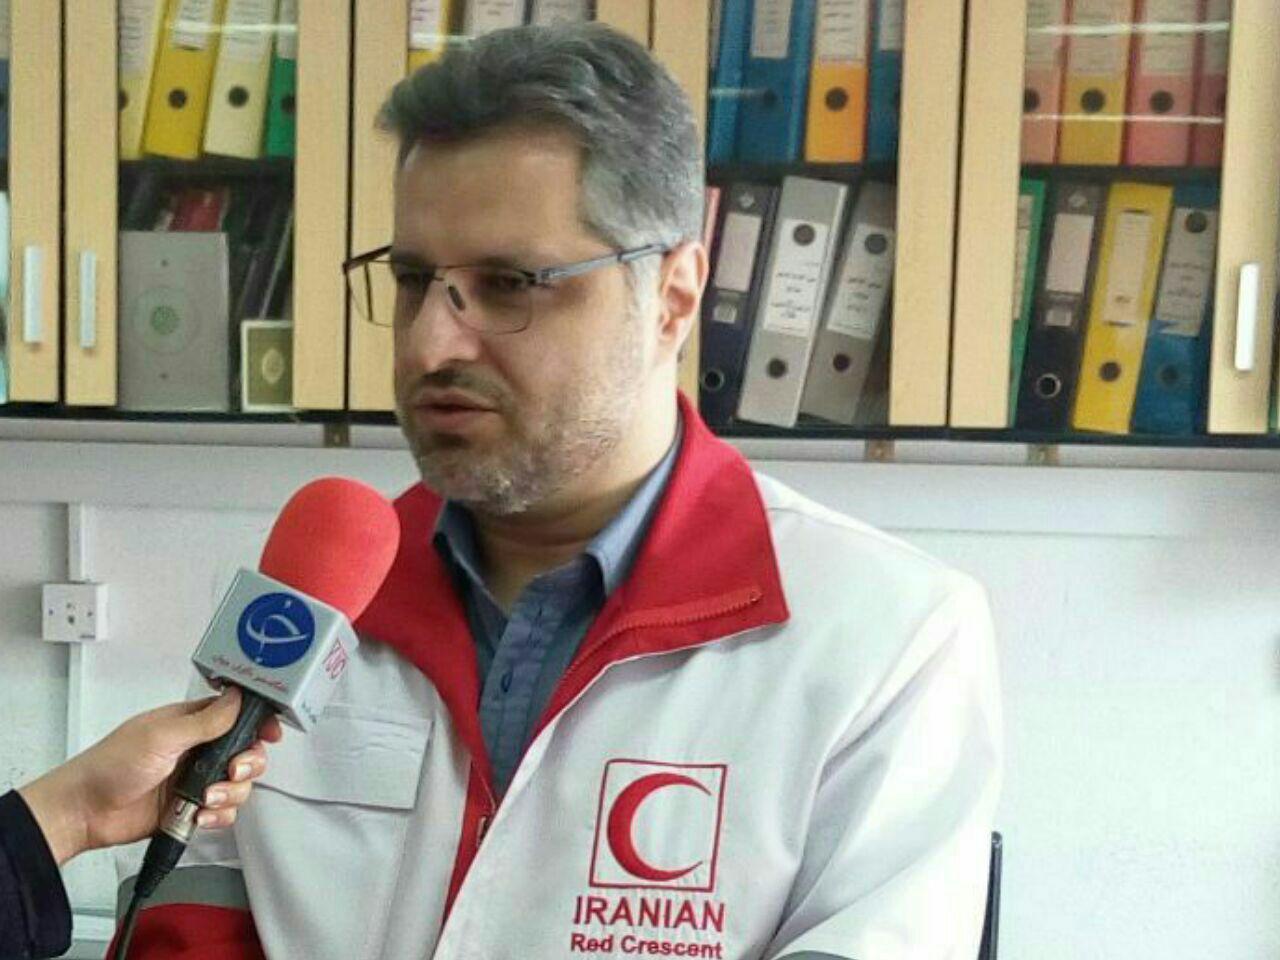 شهروندان مراقب کلاهبرداری با عنوان جمع آوری کمک به زلزله زدگان باشند